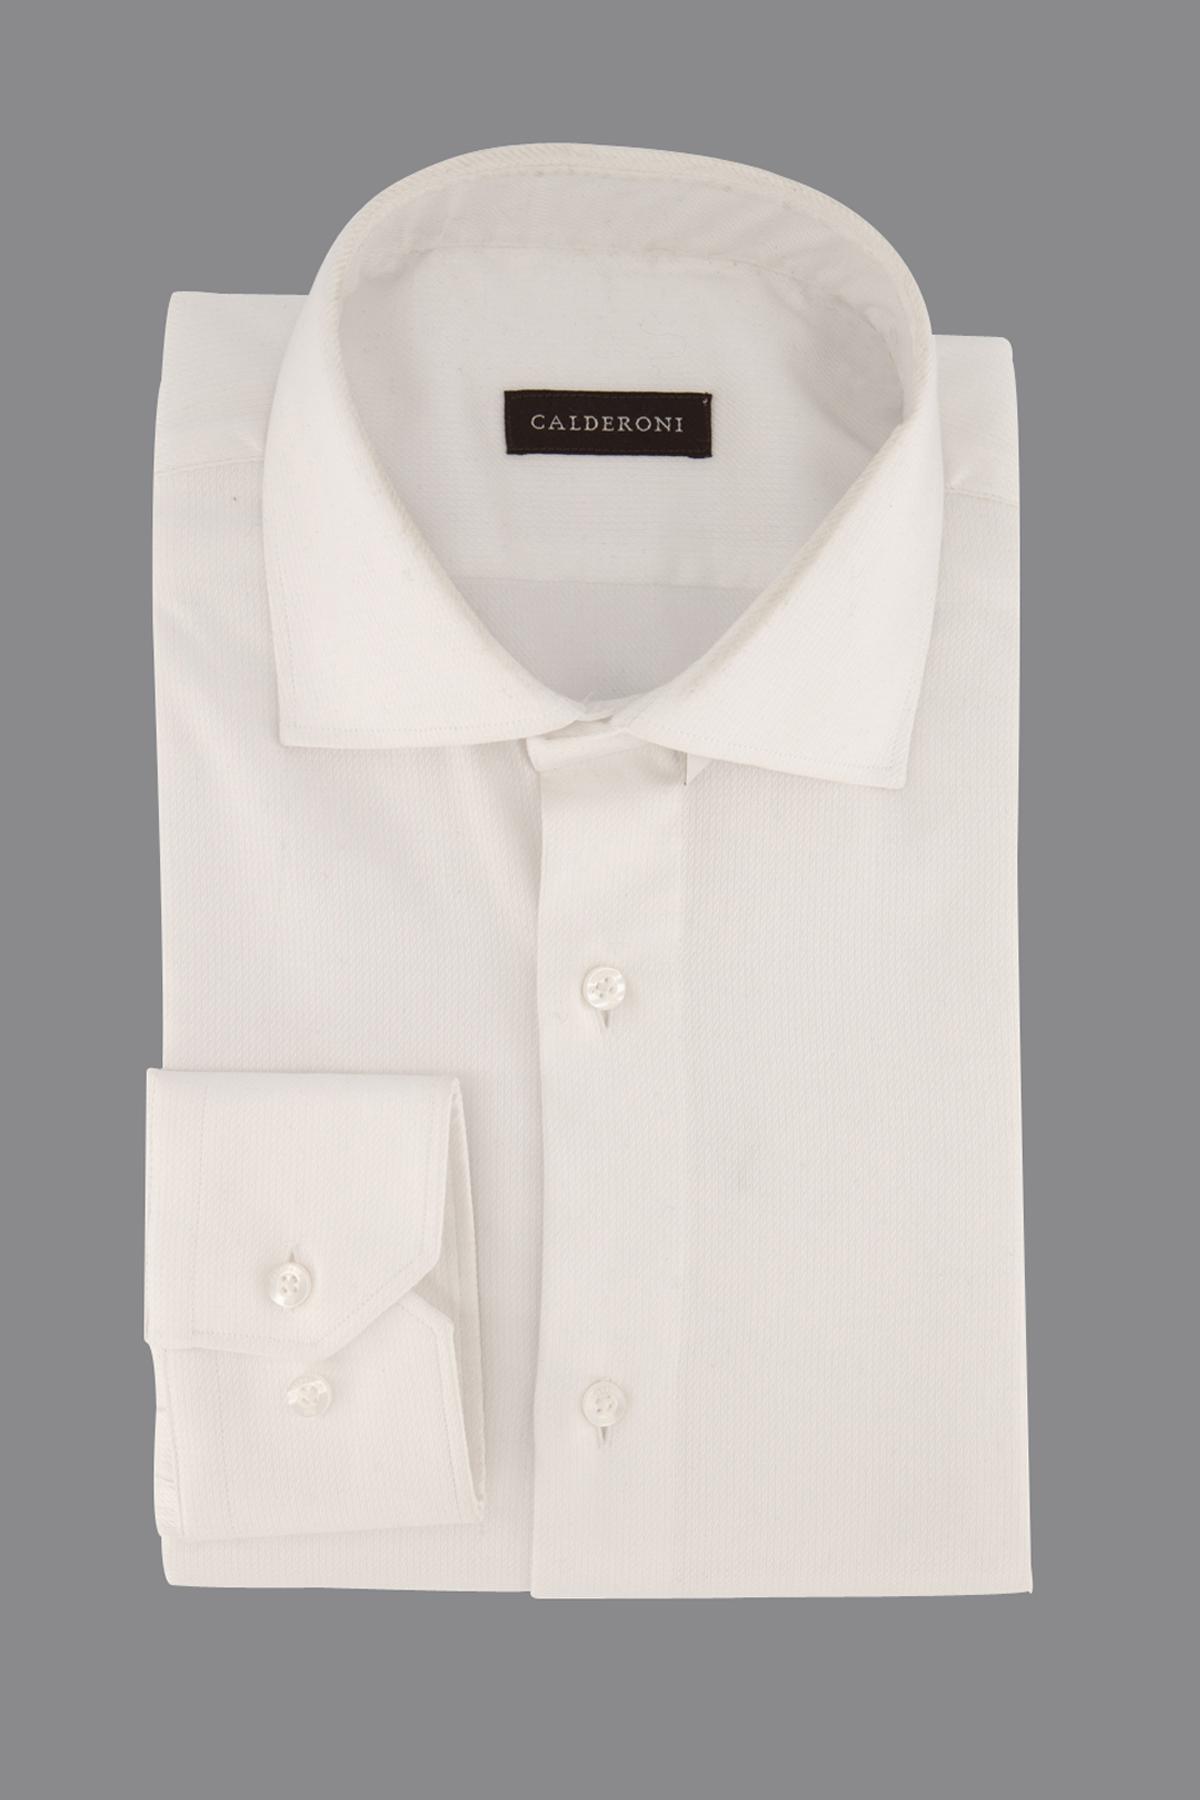 Camisa Rowley en tono blanco